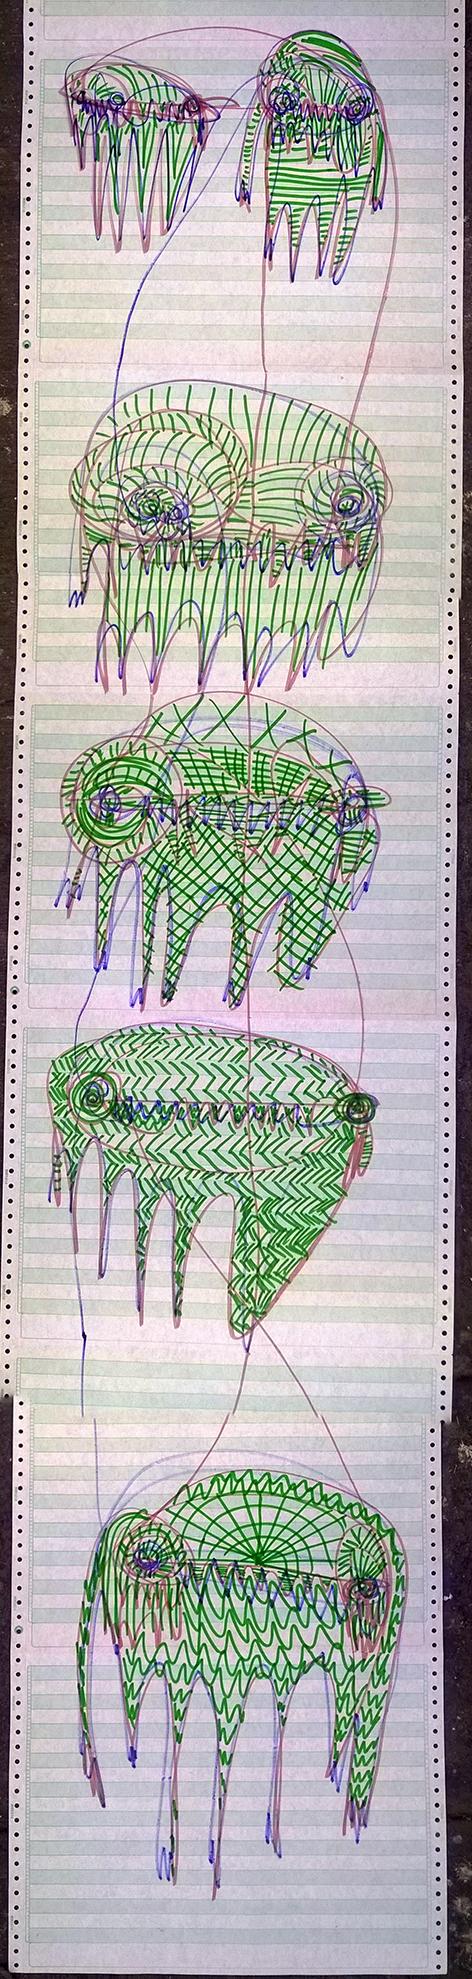 Javier_González_Pigsucker_Fosa_Clandestina_03_Técnica_mixta_38_x_168_cm_$650.00